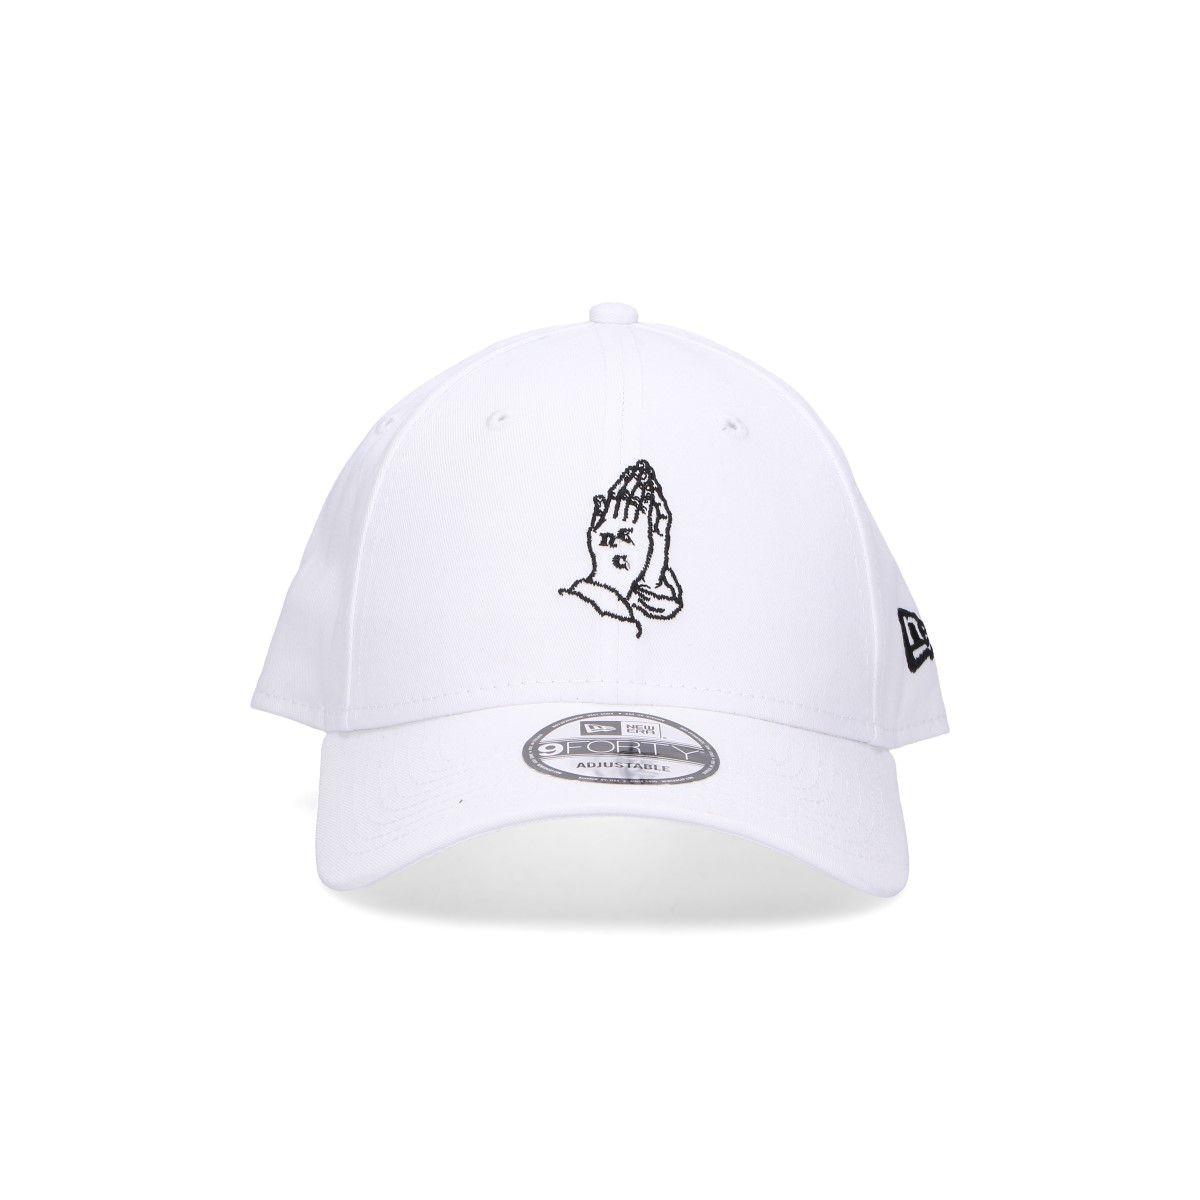 New Era White Cotton Hat